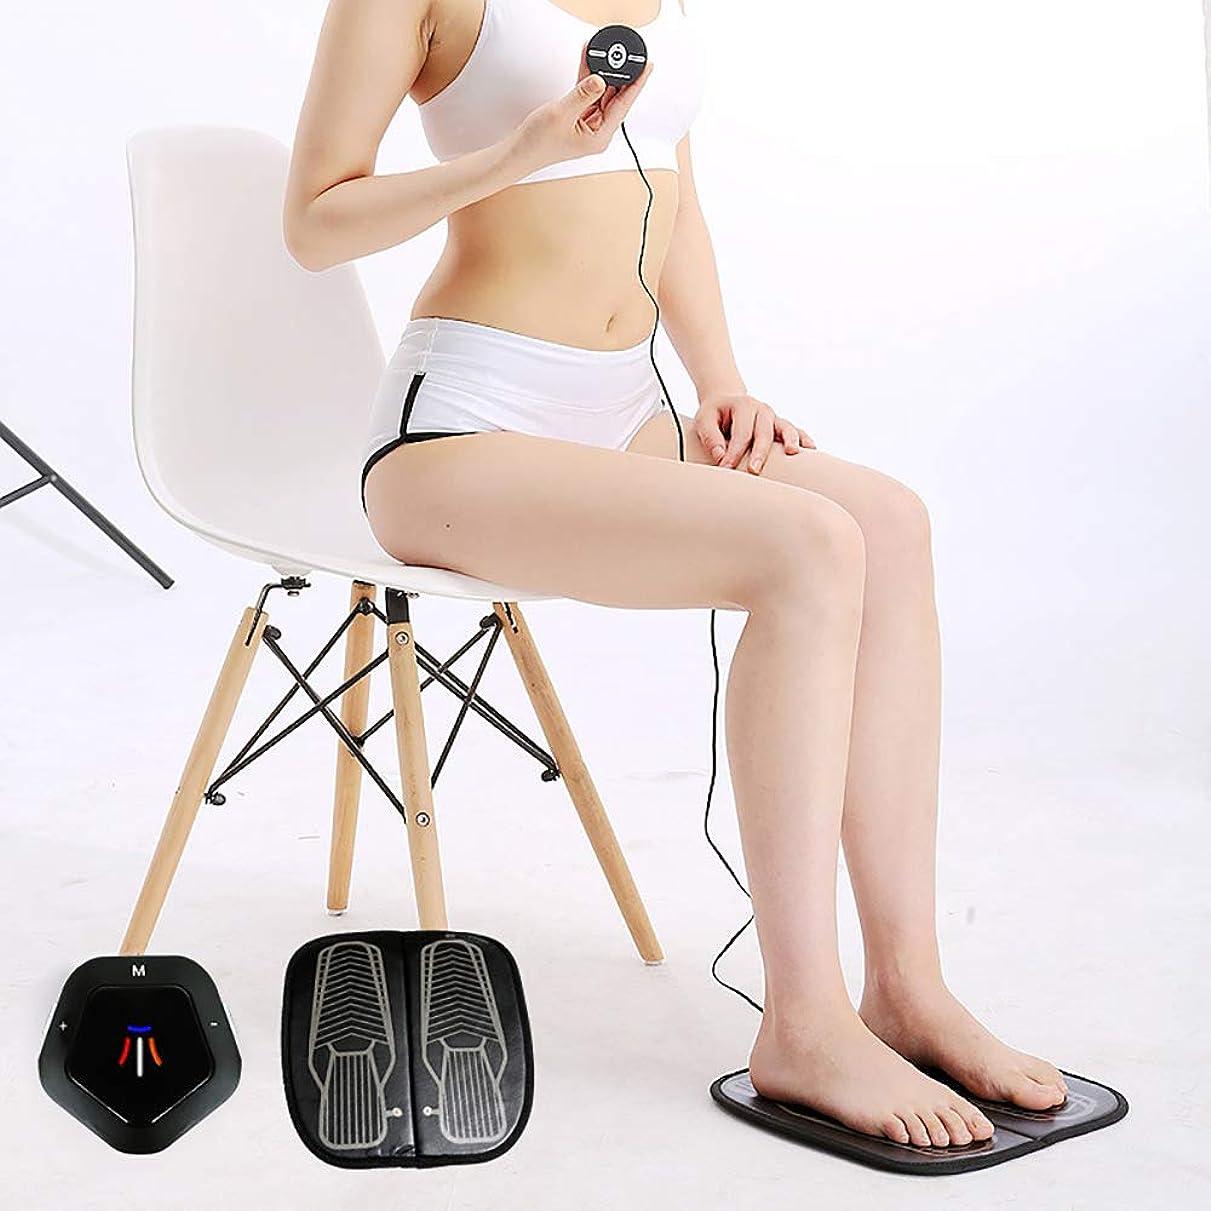 気候パイプライン麻酔薬EMS理学療法の足のマッサージのクッション、USBの再充電可能な振動の足のペディキュア機械はフィートの苦痛を取り除きます血循環を改善します